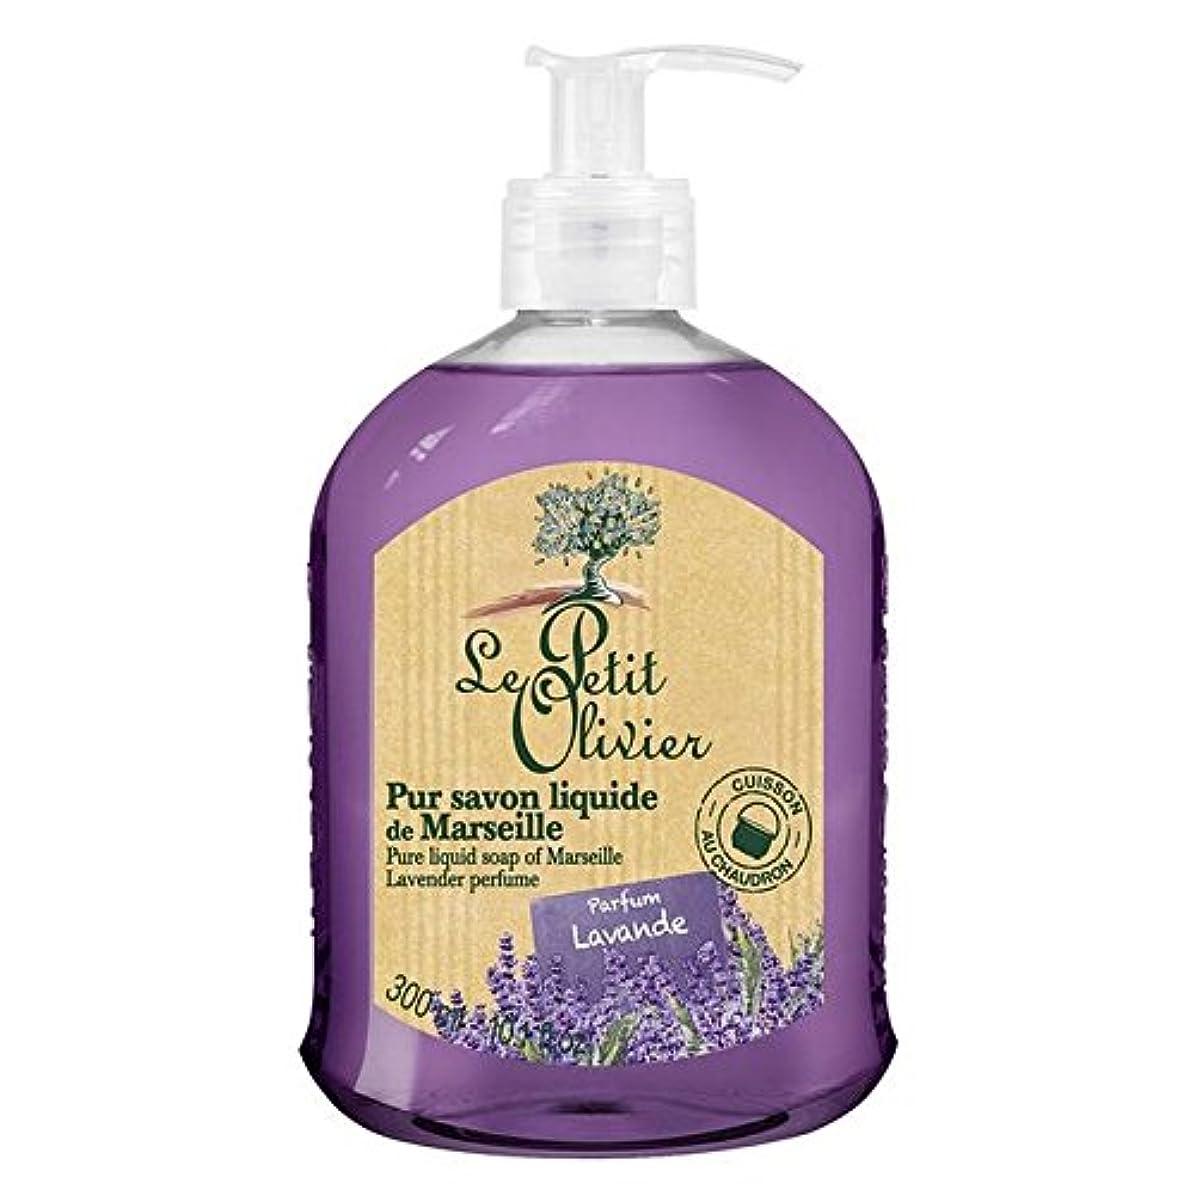 ロビー郡とてもマルセイユのル?プティ?オリヴィエ純粋な液体石鹸、ラベンダー300ミリリットル x2 - Le Petit Olivier Pure Liquid Soap of Marseille, Lavender 300ml (Pack of 2) [並行輸入品]